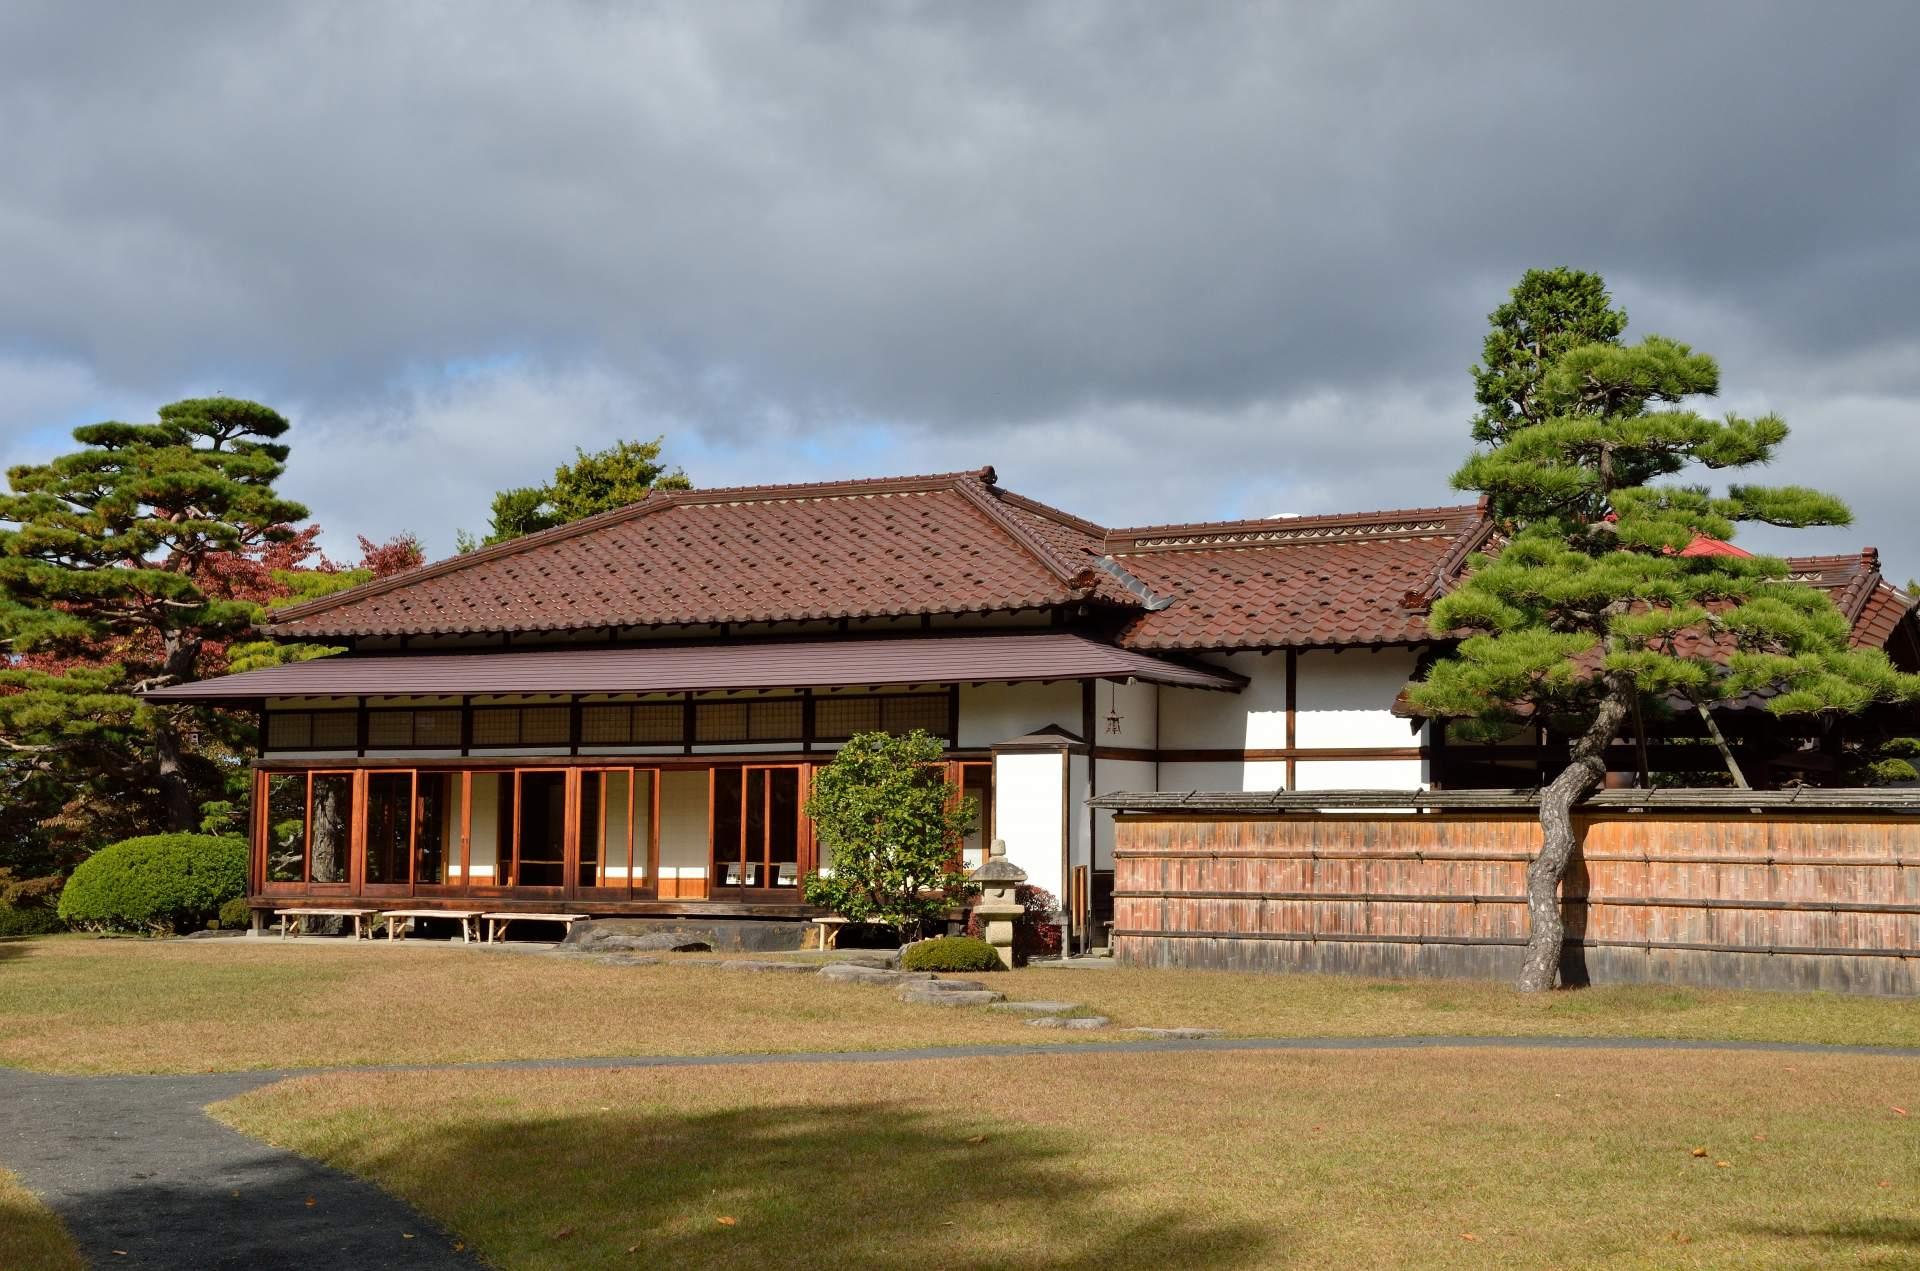 廣大的場地上有著美麗的日本庭園